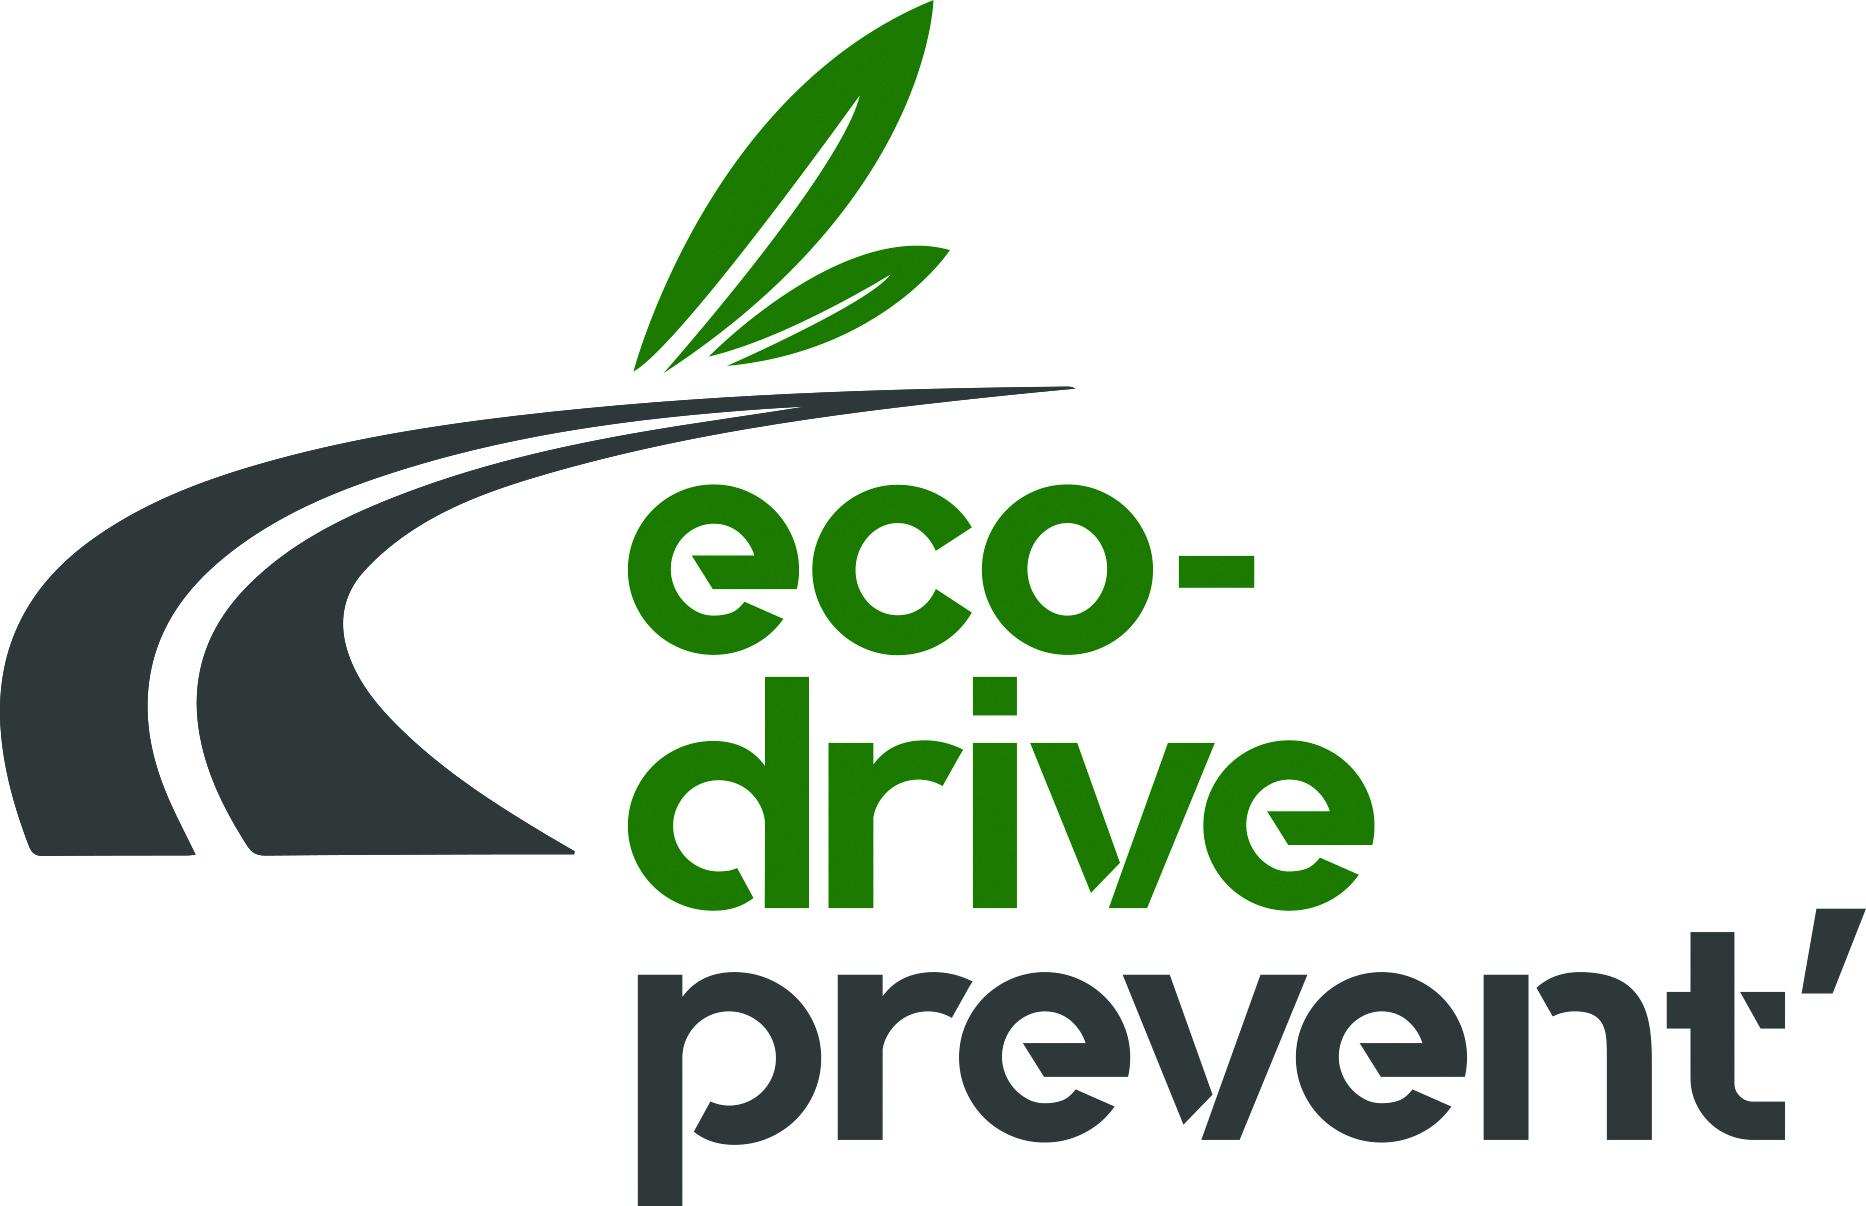 Eco Drive Prevent'